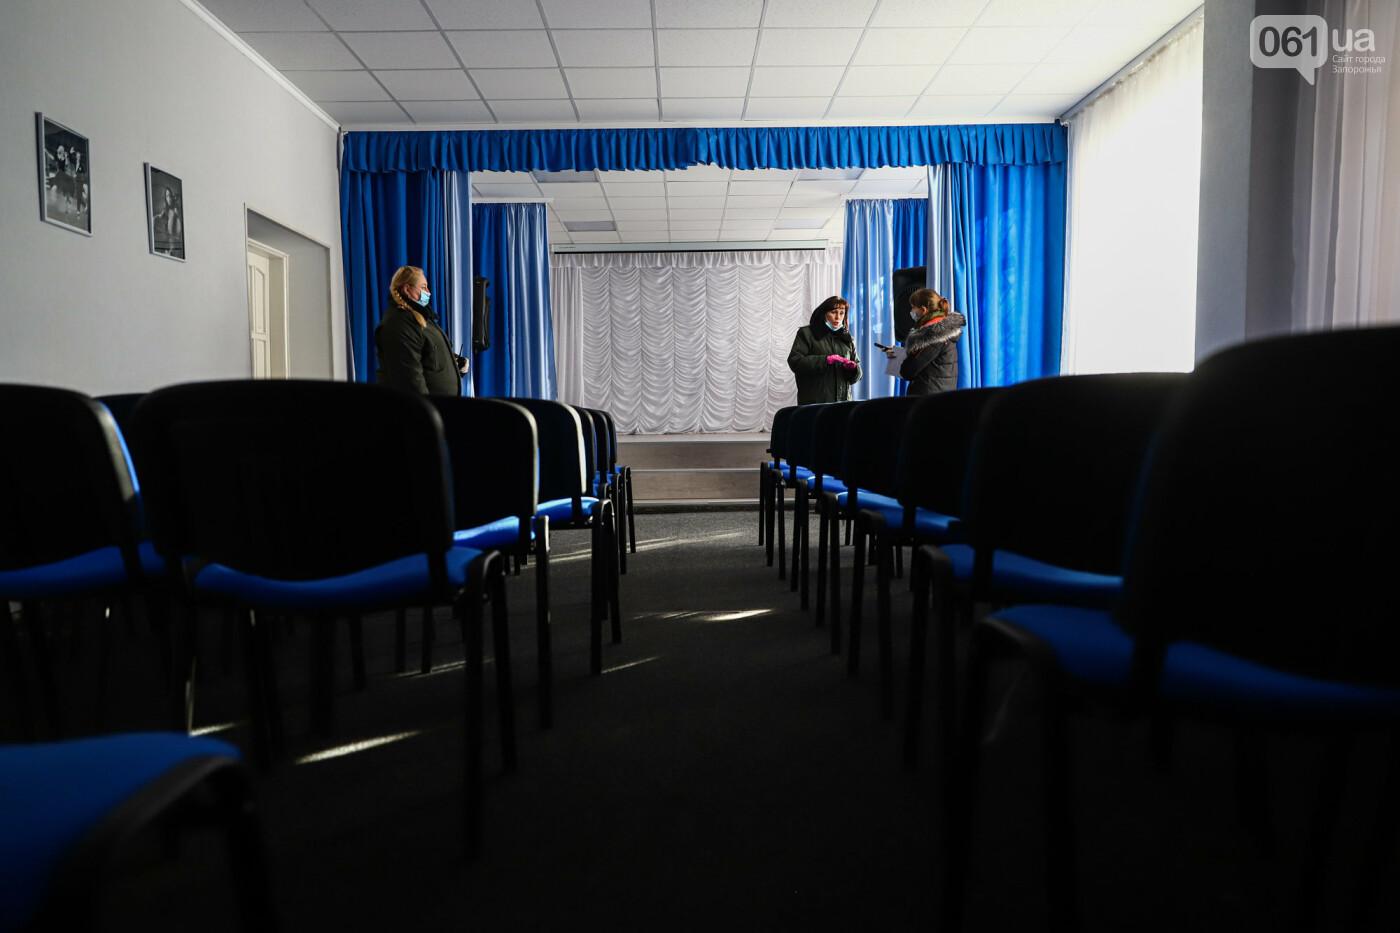 Второй шанс, свадебное платье и слезы отца: другой взгляд на женскую колонию в Запорожской области – ФОТО, фото-11